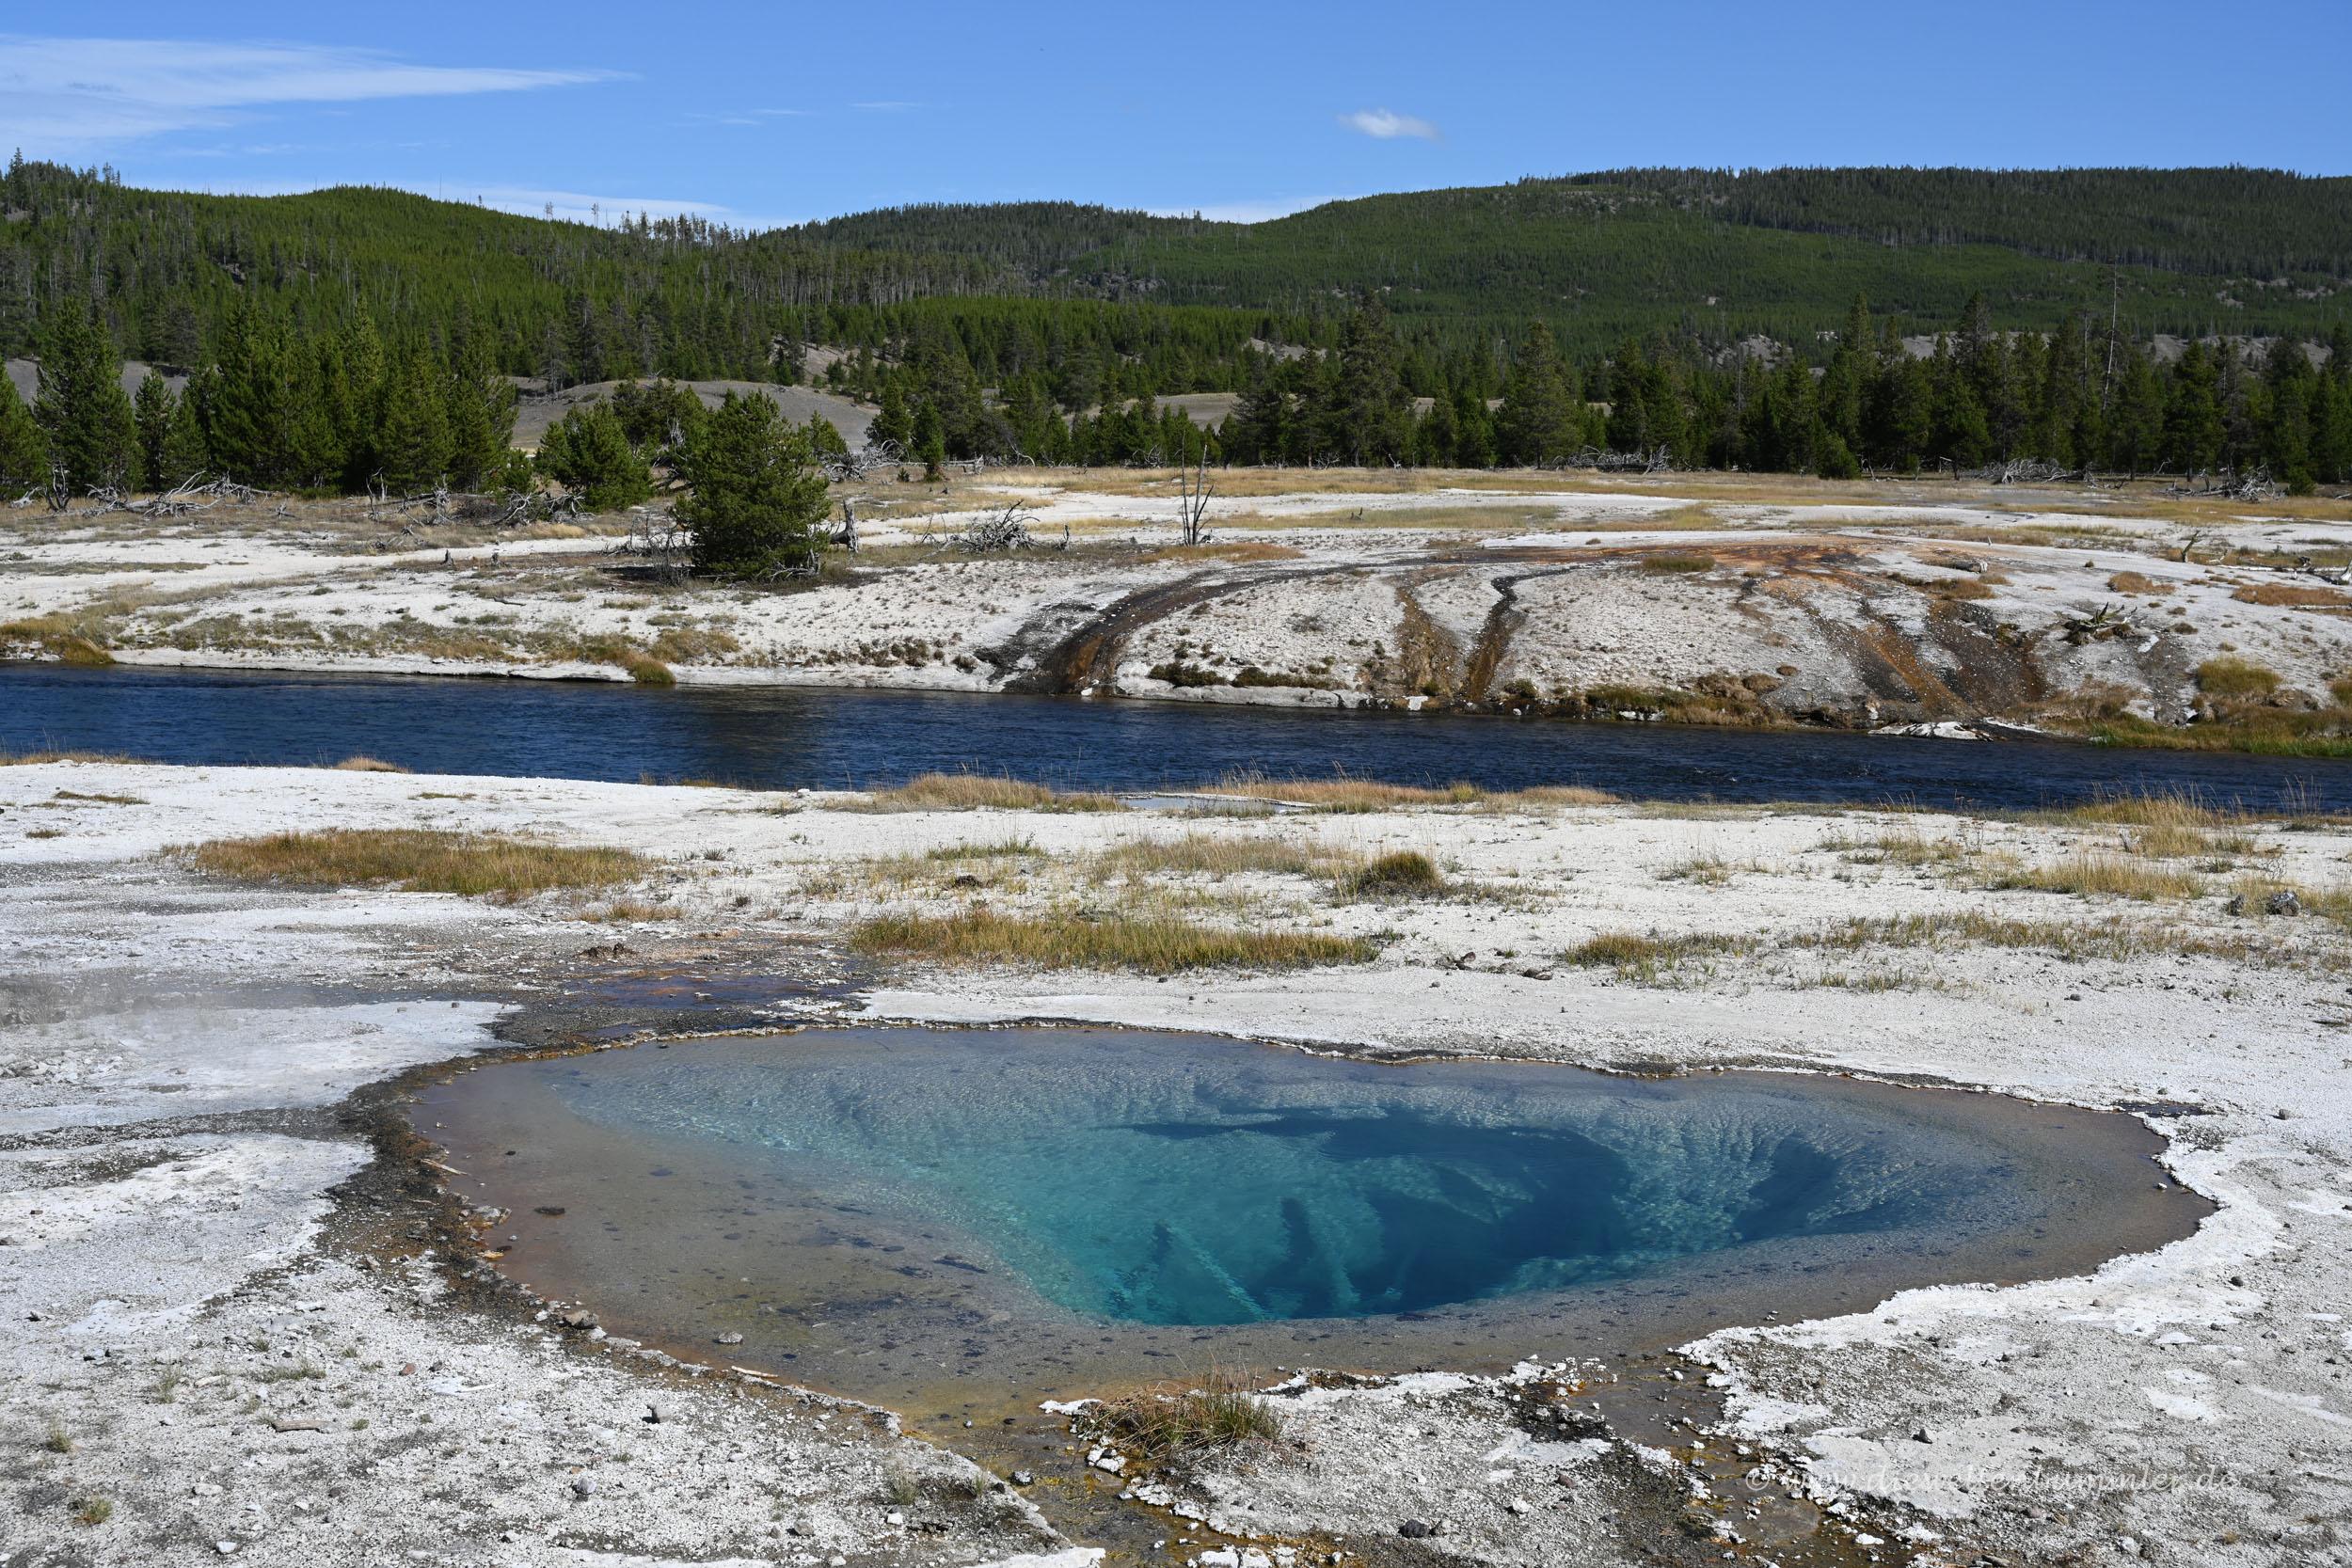 Typisch für den Yellowstone